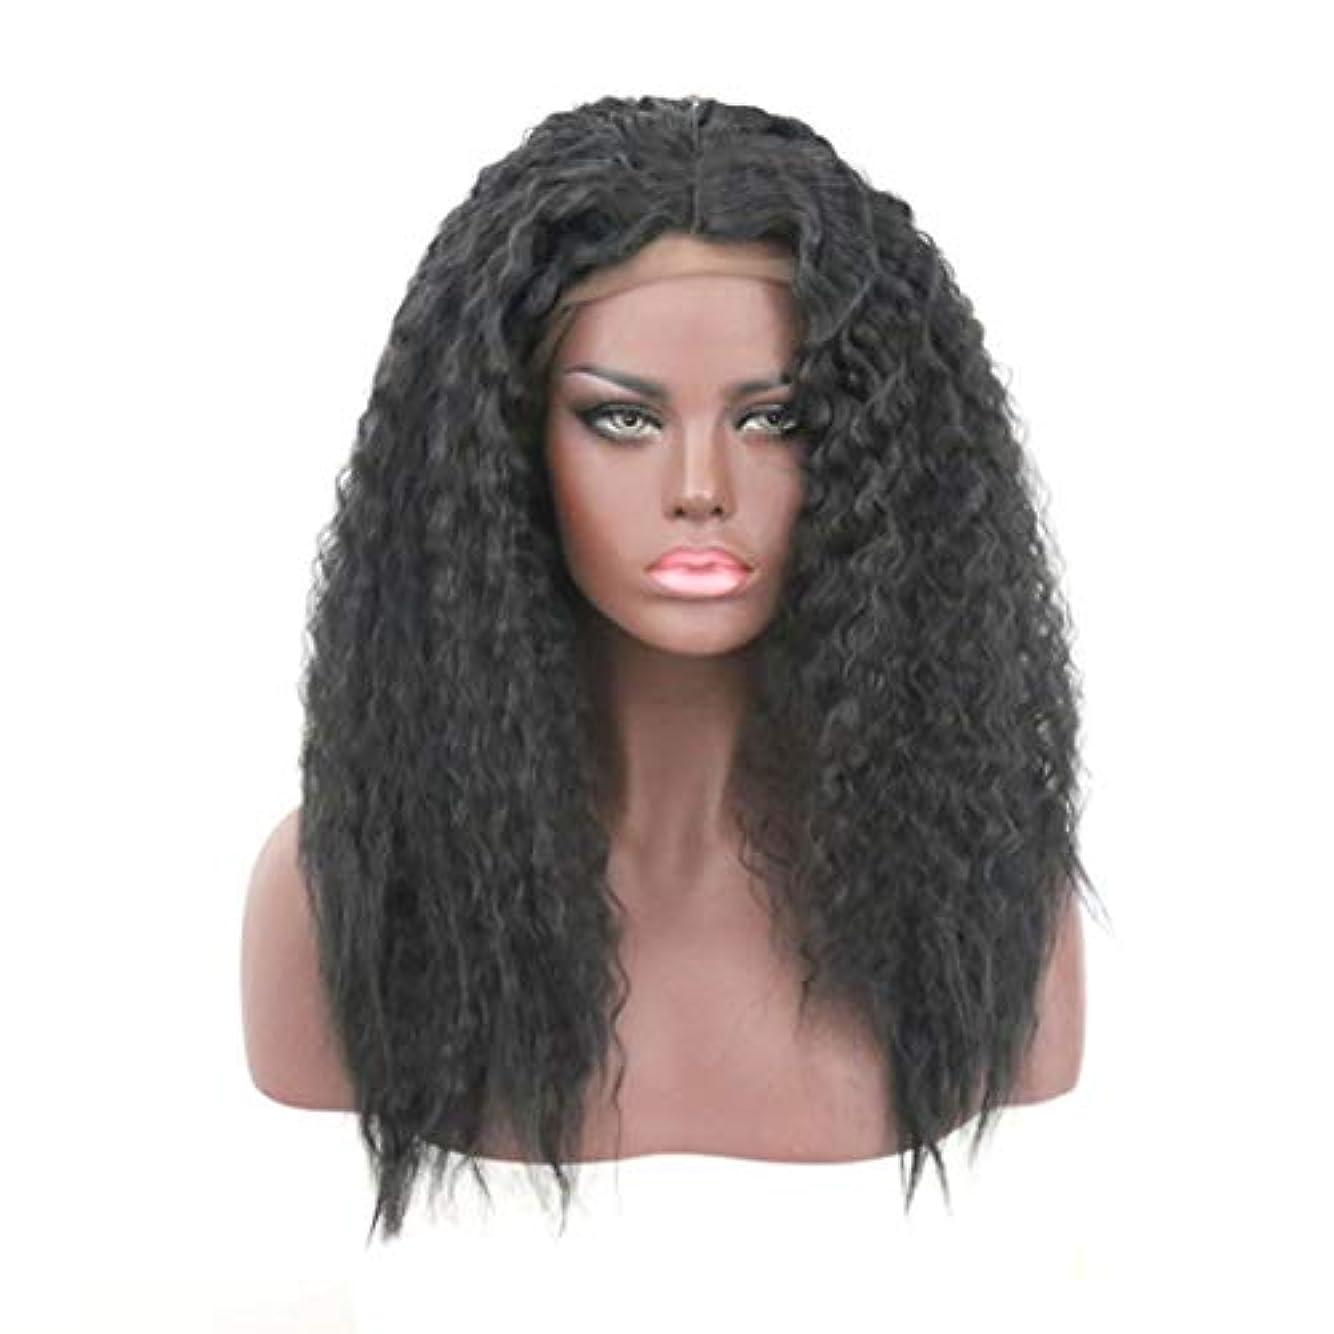 く起訴する帝国主義Kerwinner 女性のためのかつらフロントレーススモールロールブラックふわふわロング巻き毛